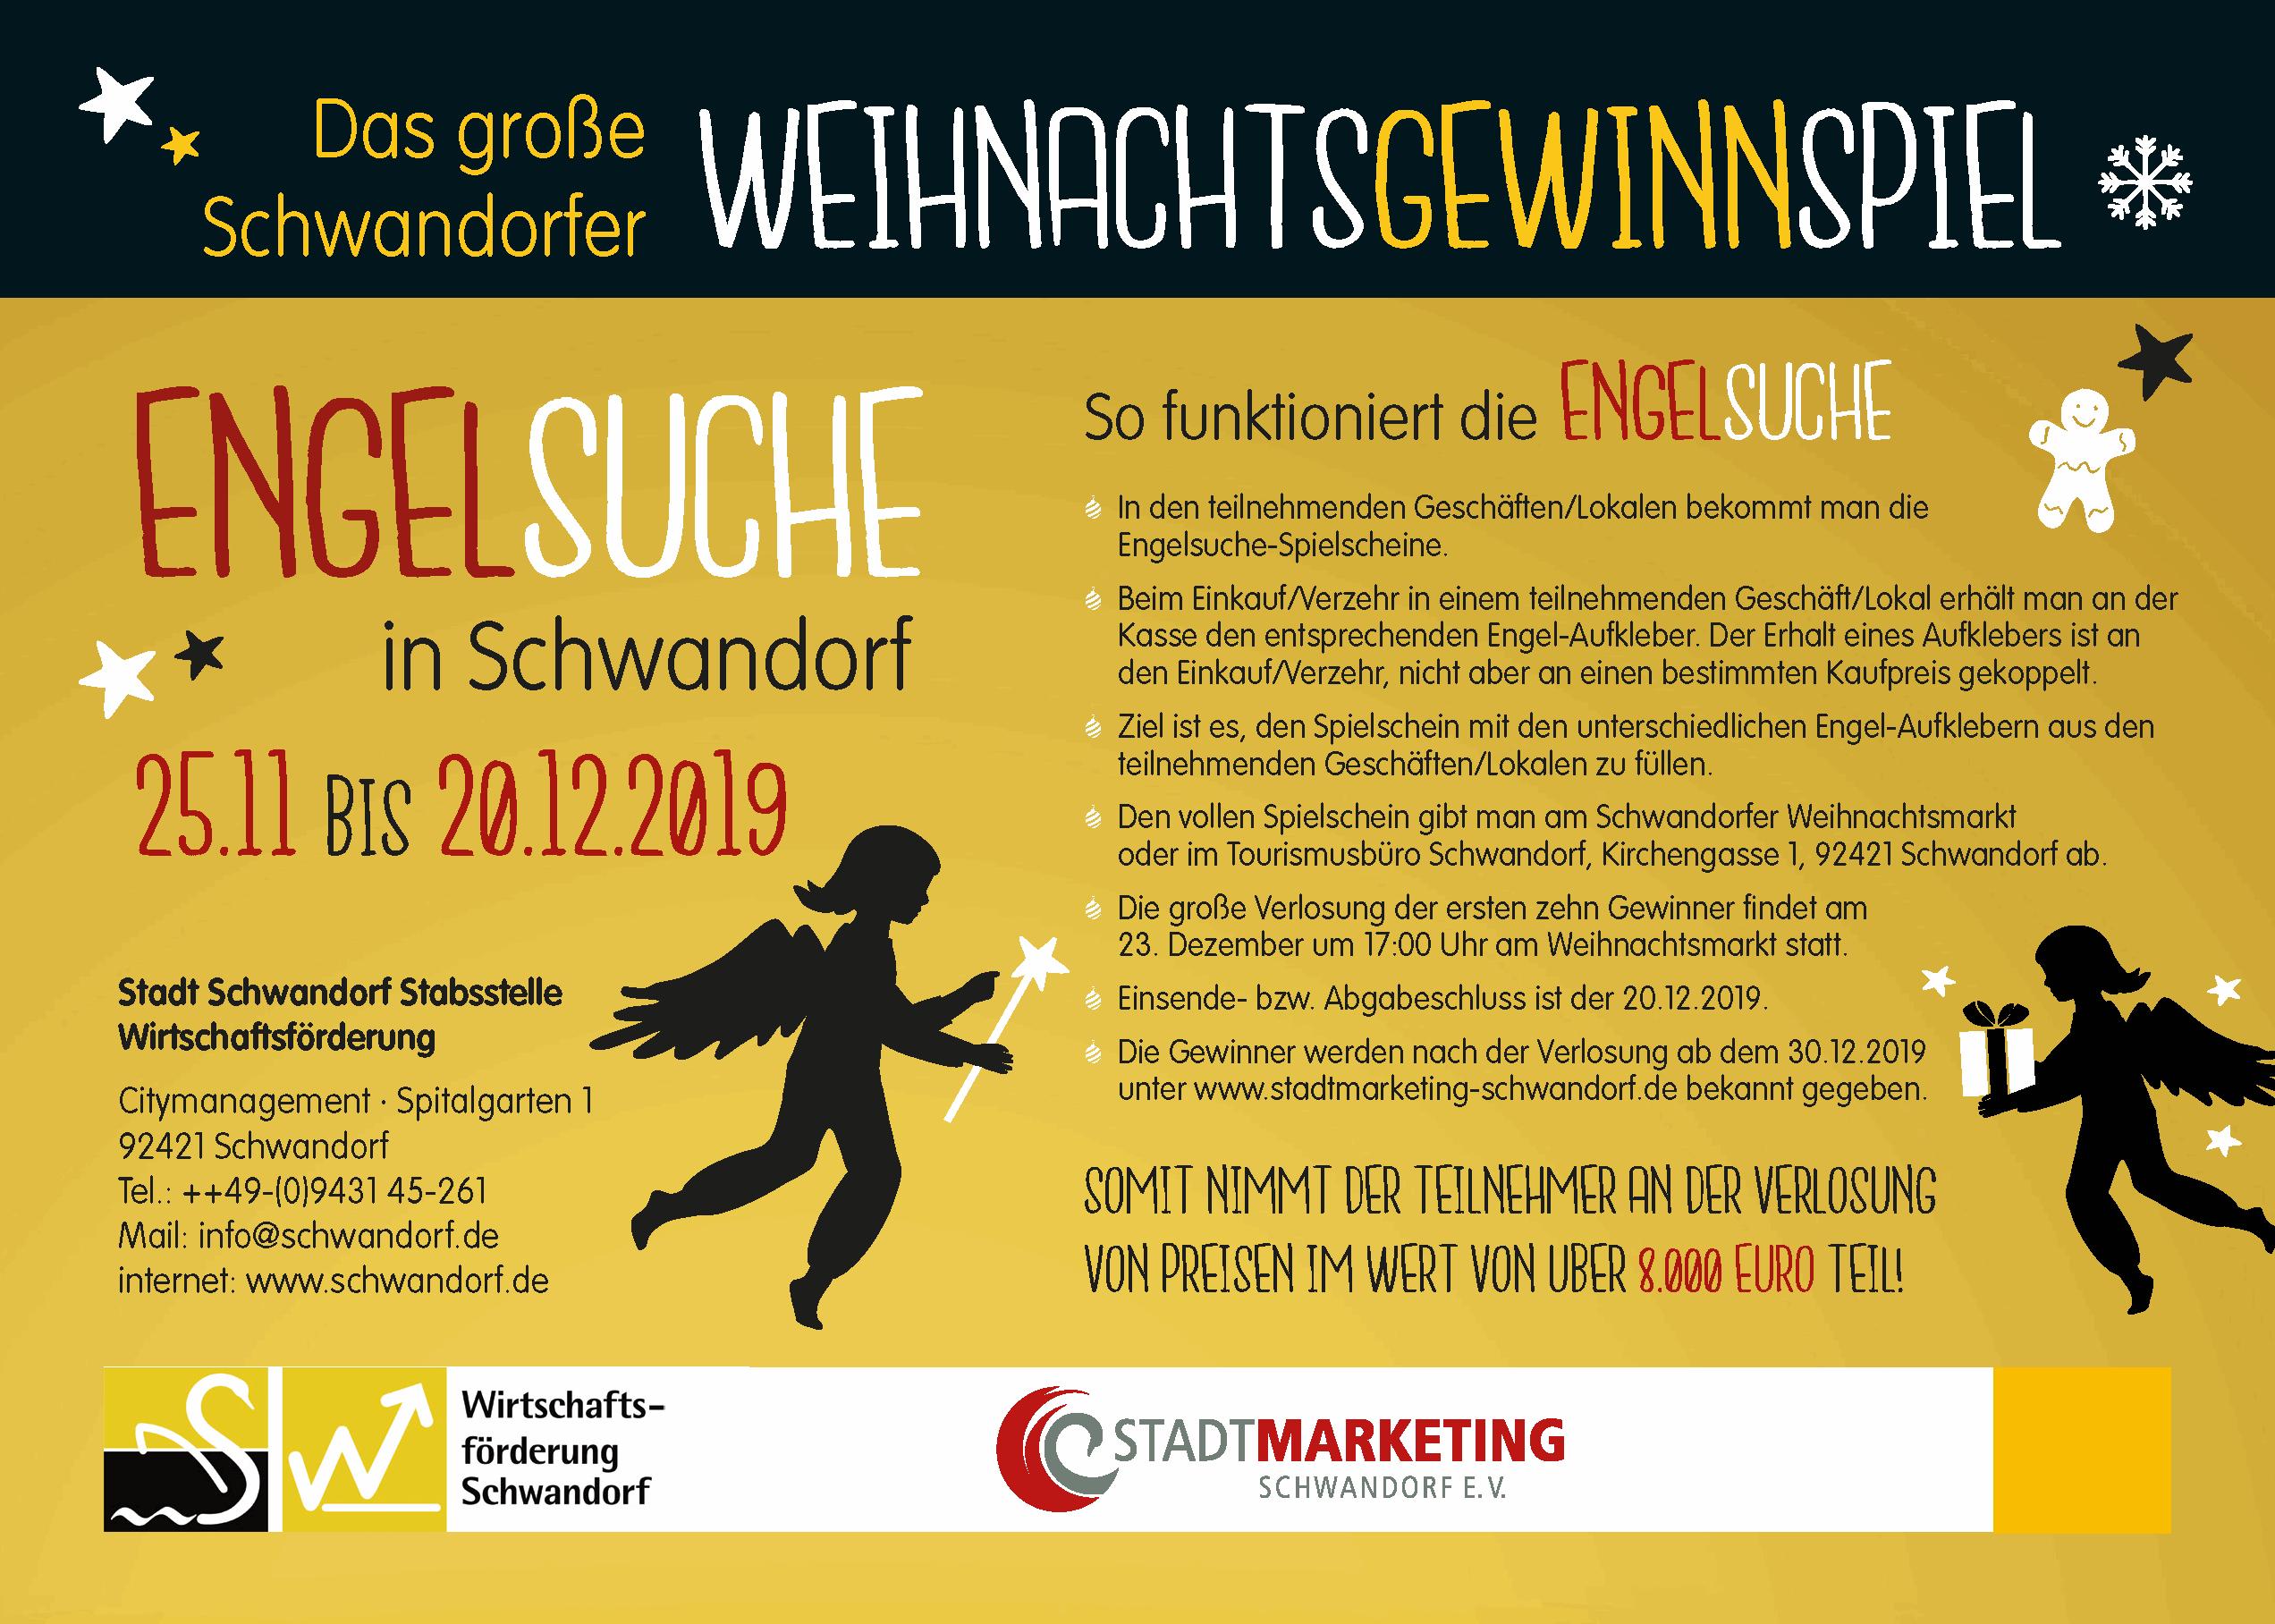 Engelsuche in Schwandorf